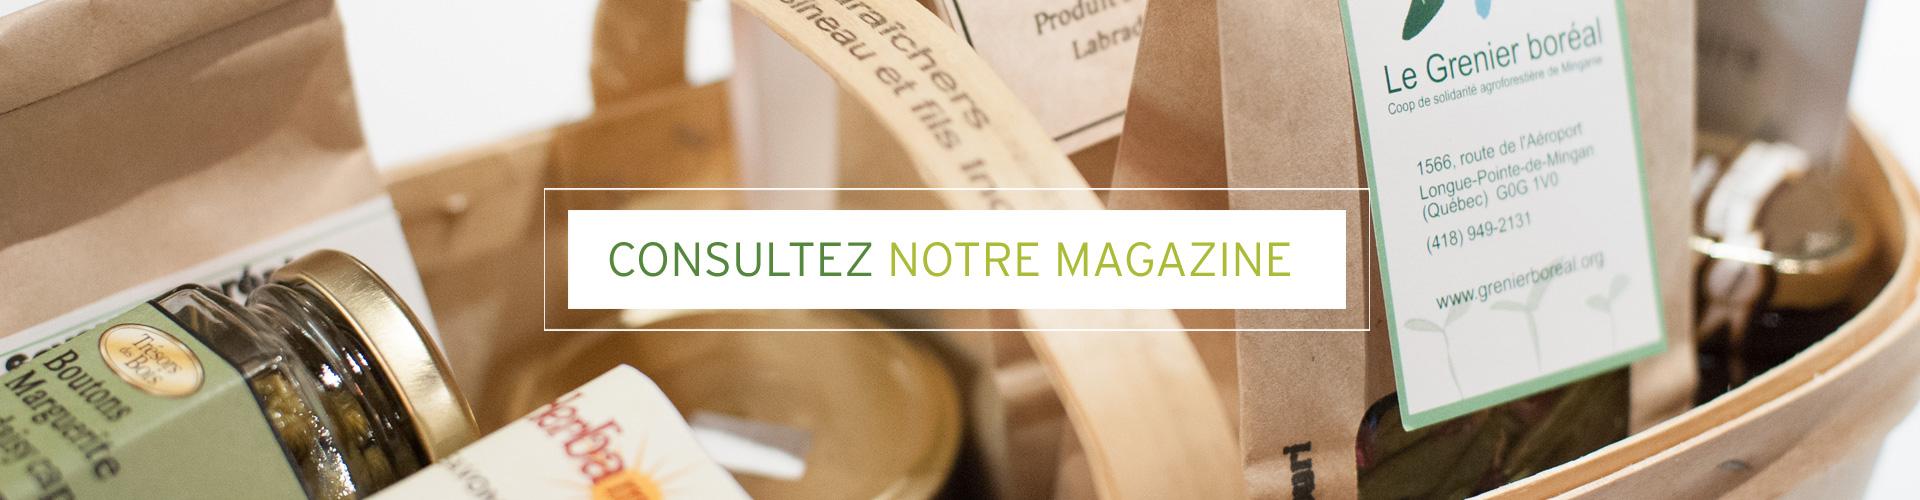 banniere-tablebio-magazine